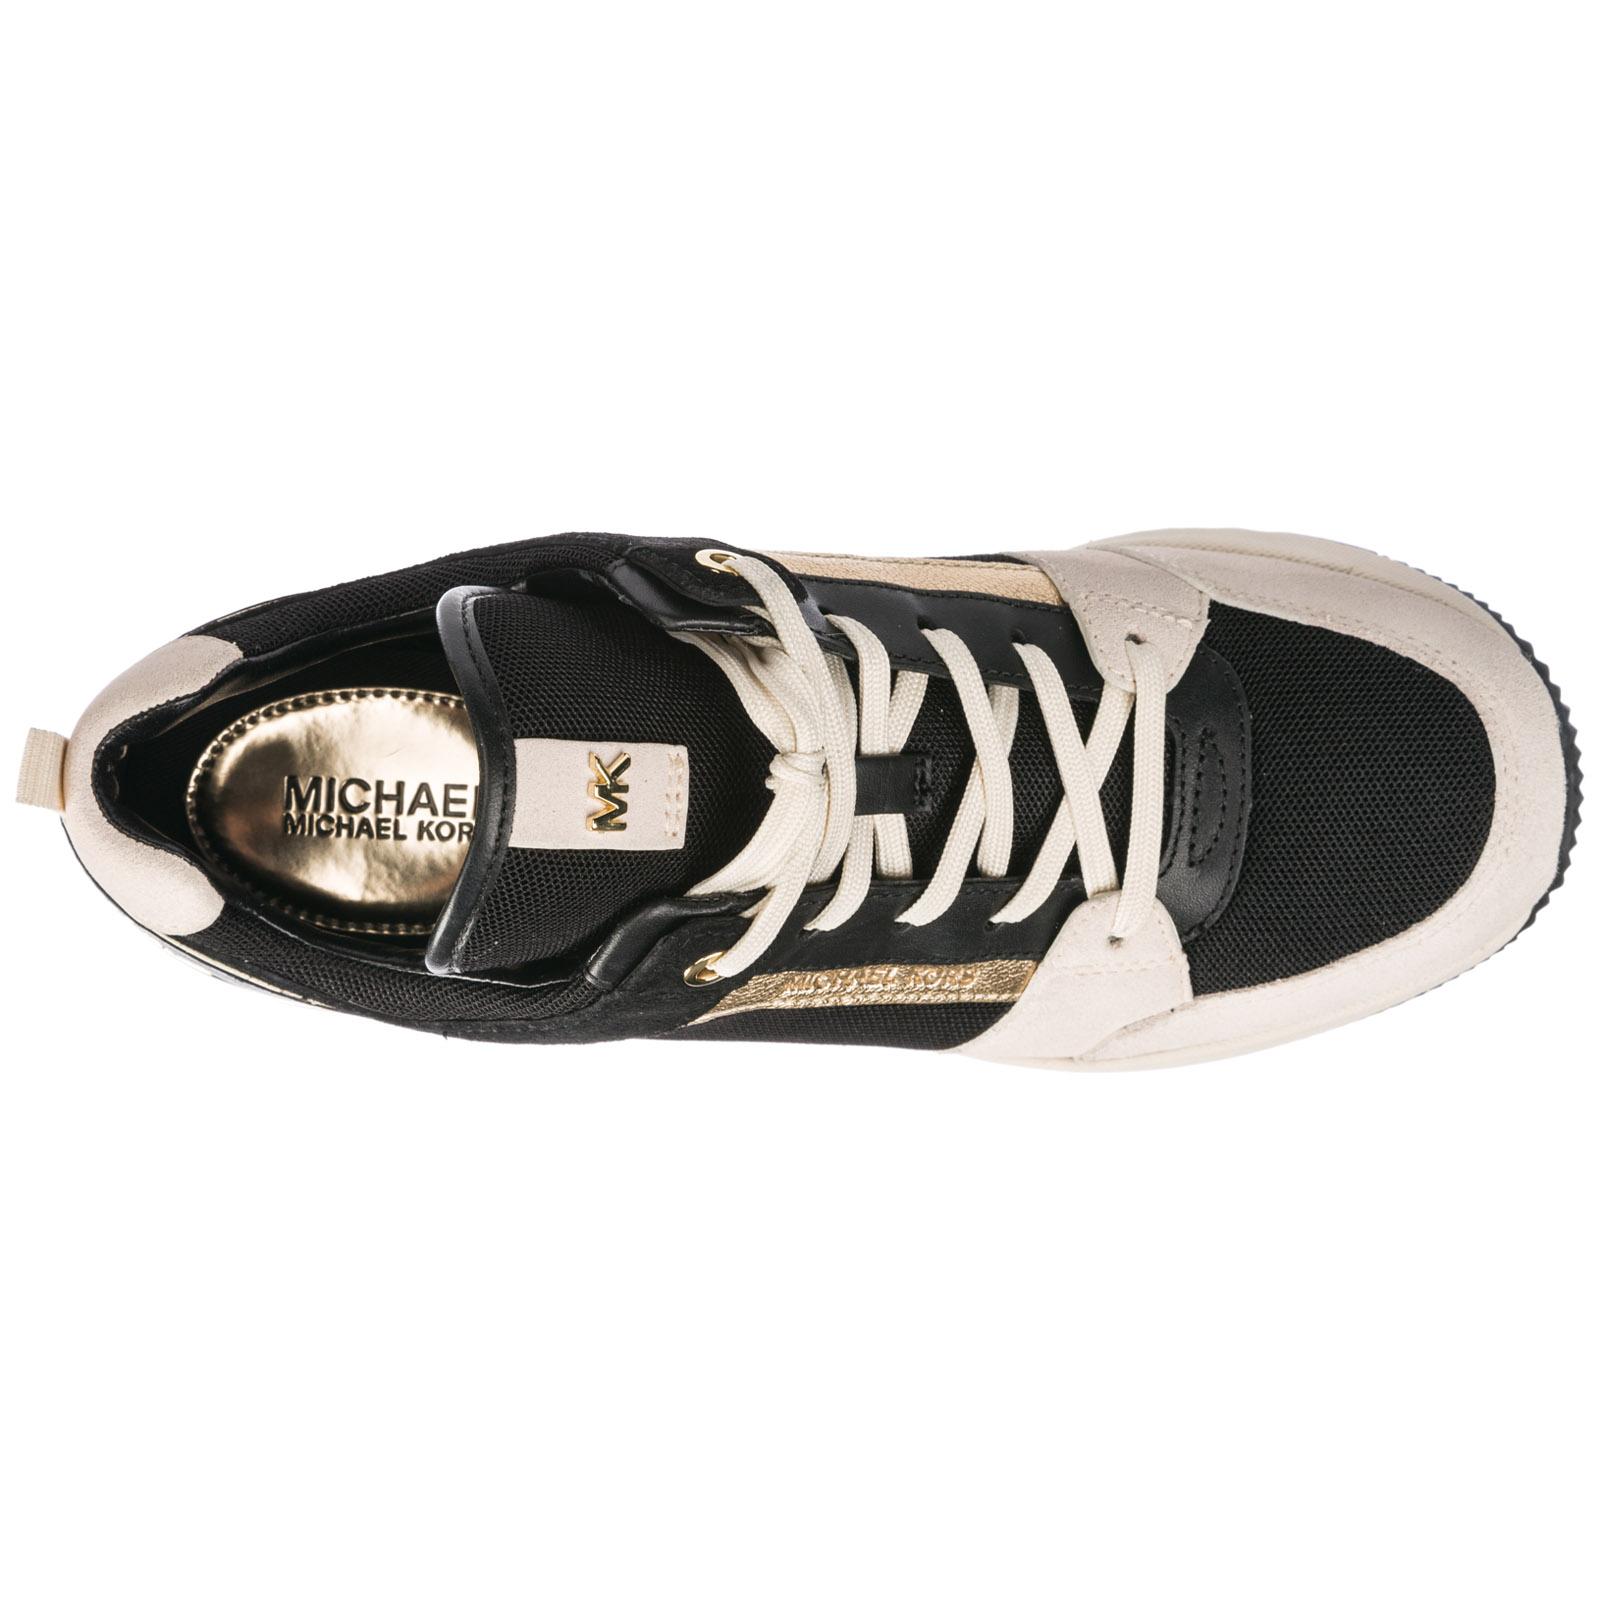 Deporte De En Piel Zapatos Georgie Zapatillas Mujer DH2e9bWEIY